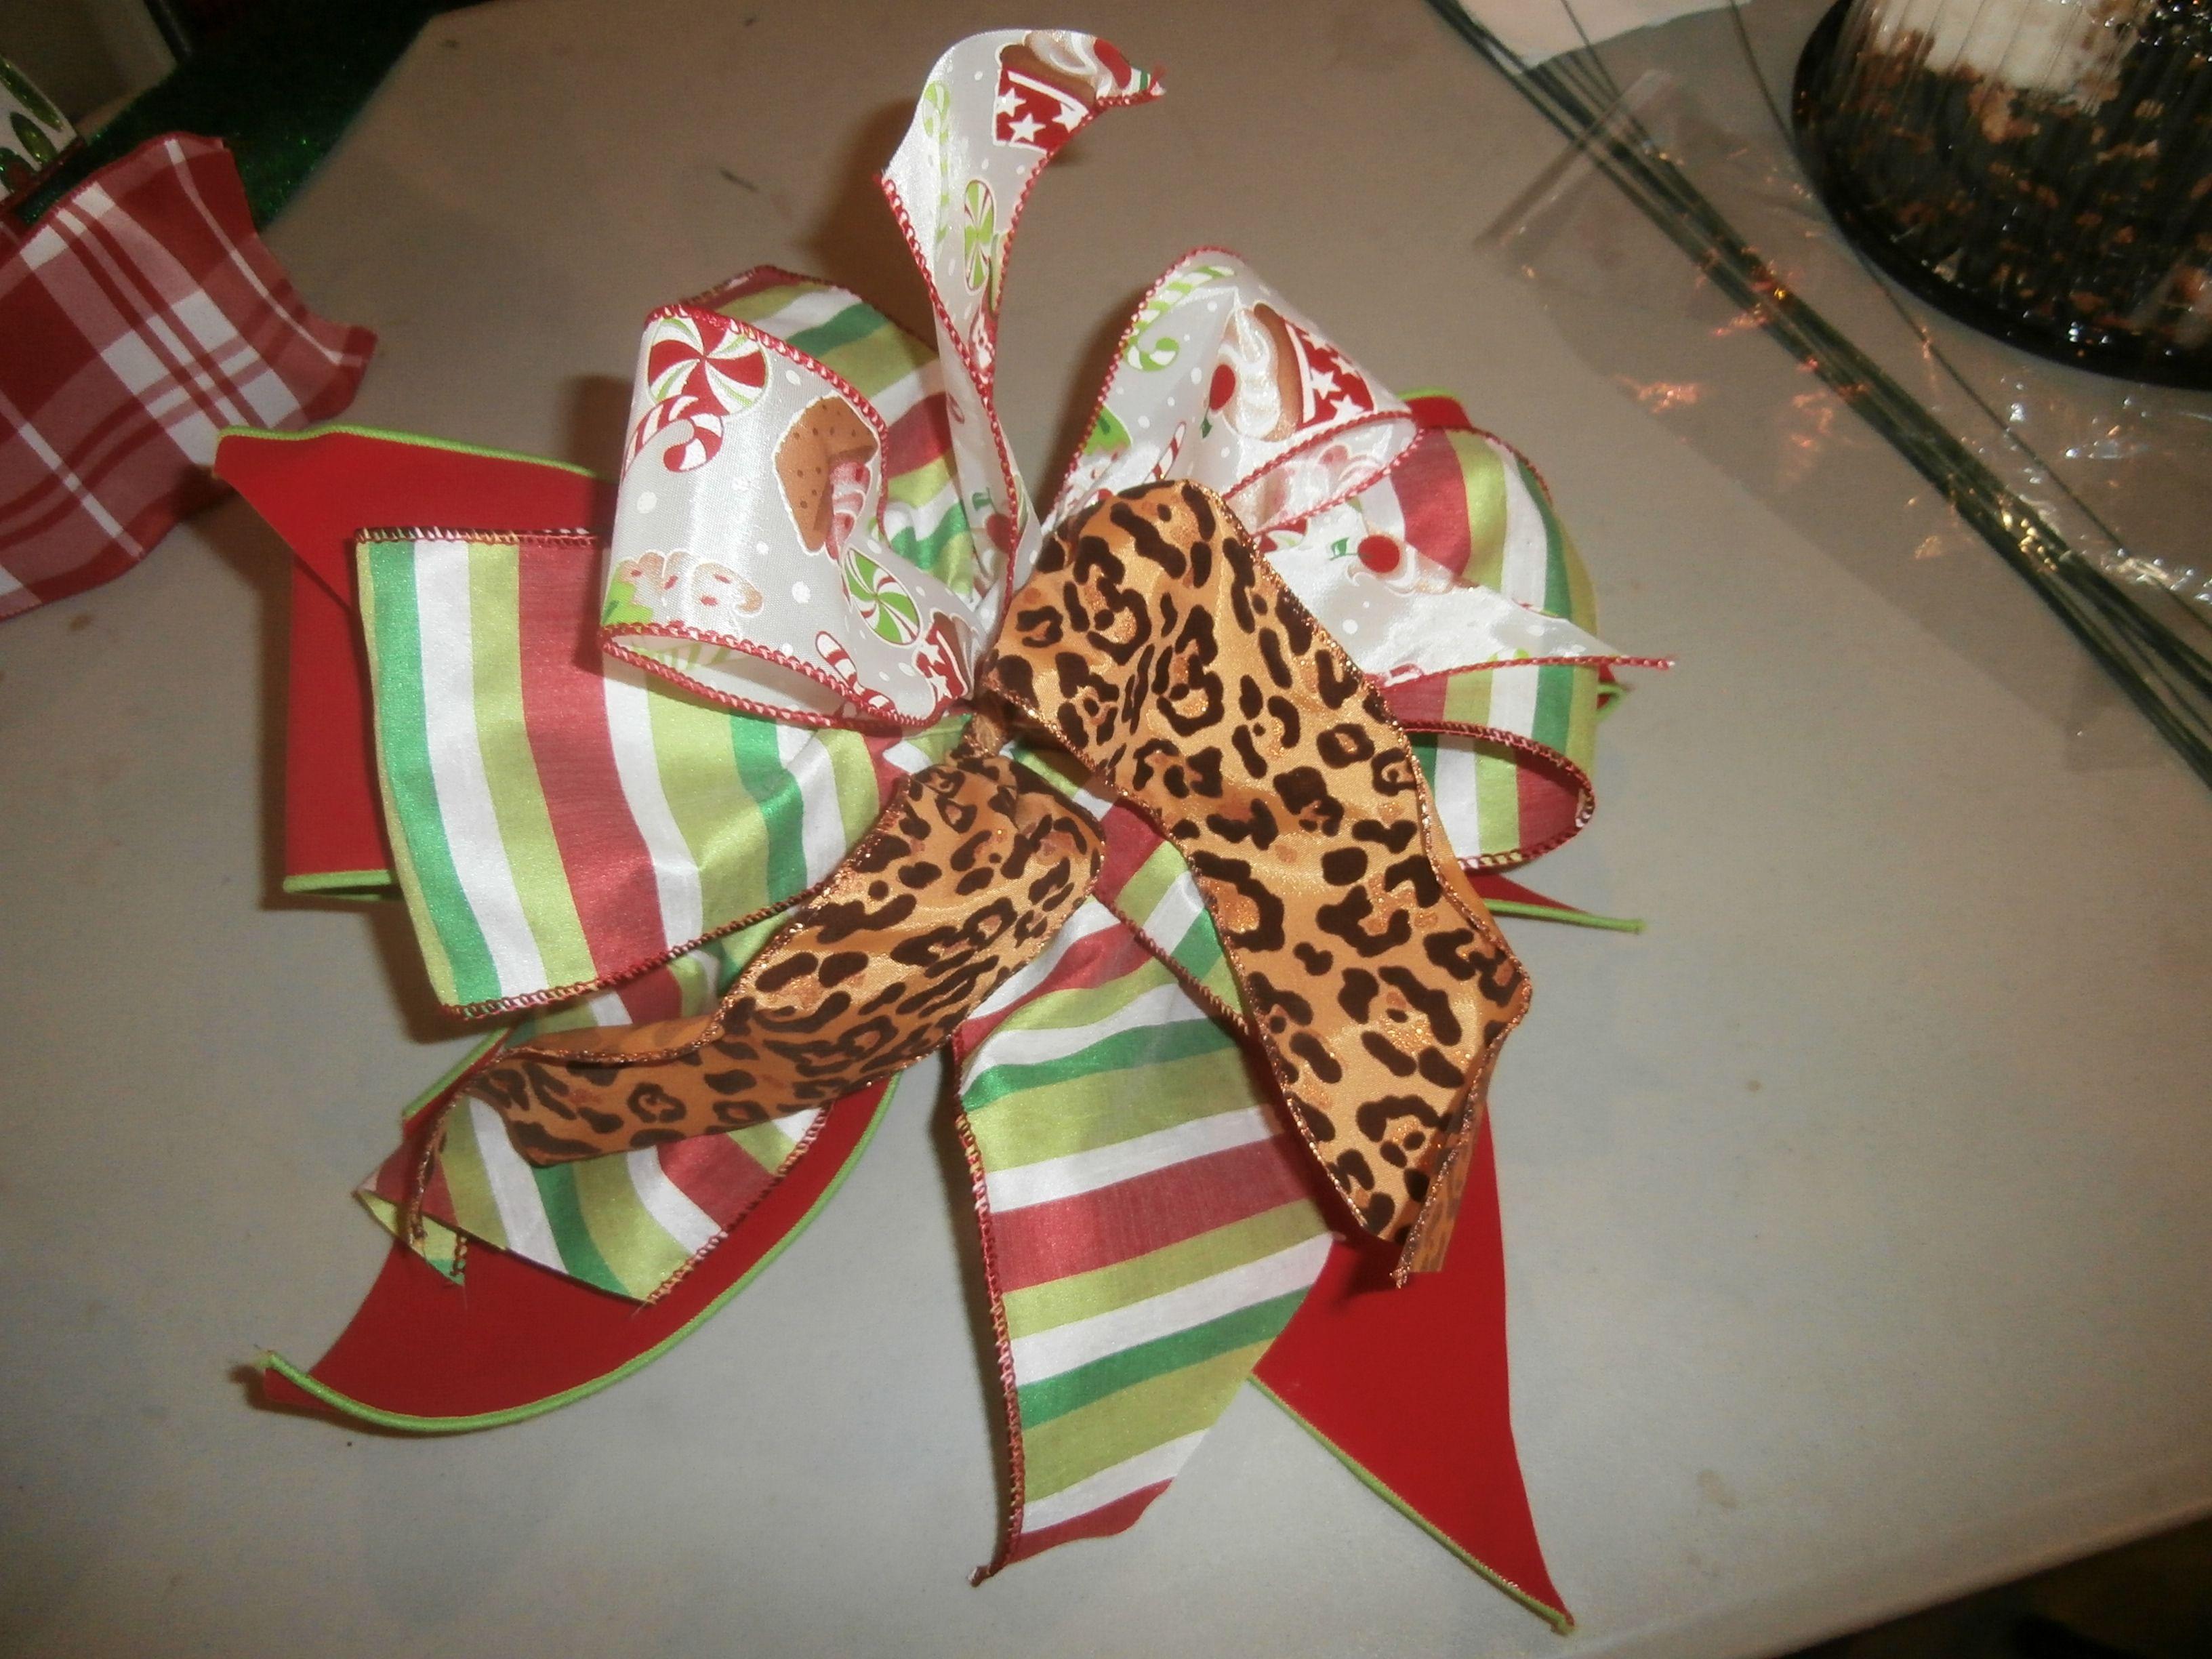 Seasonal Decorating Blog For Christmas, Holidays, Home Decor And More